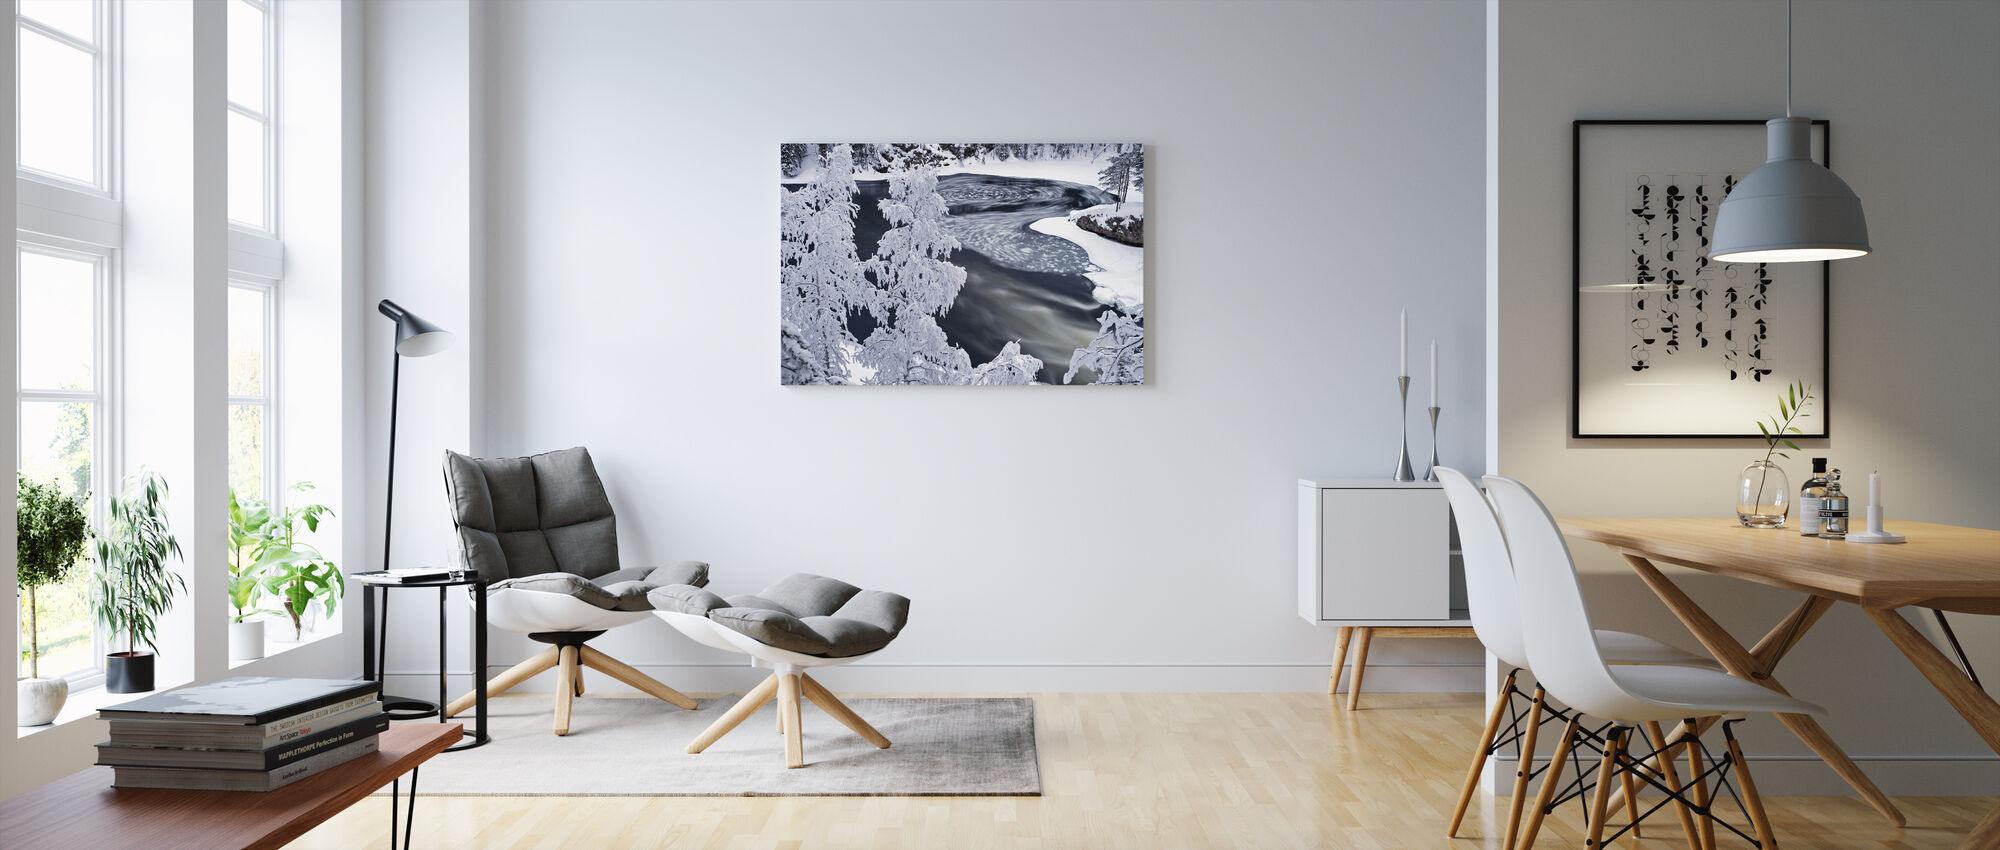 Talvimaisema metsän kanssa - Canvastaulu - Olohuone